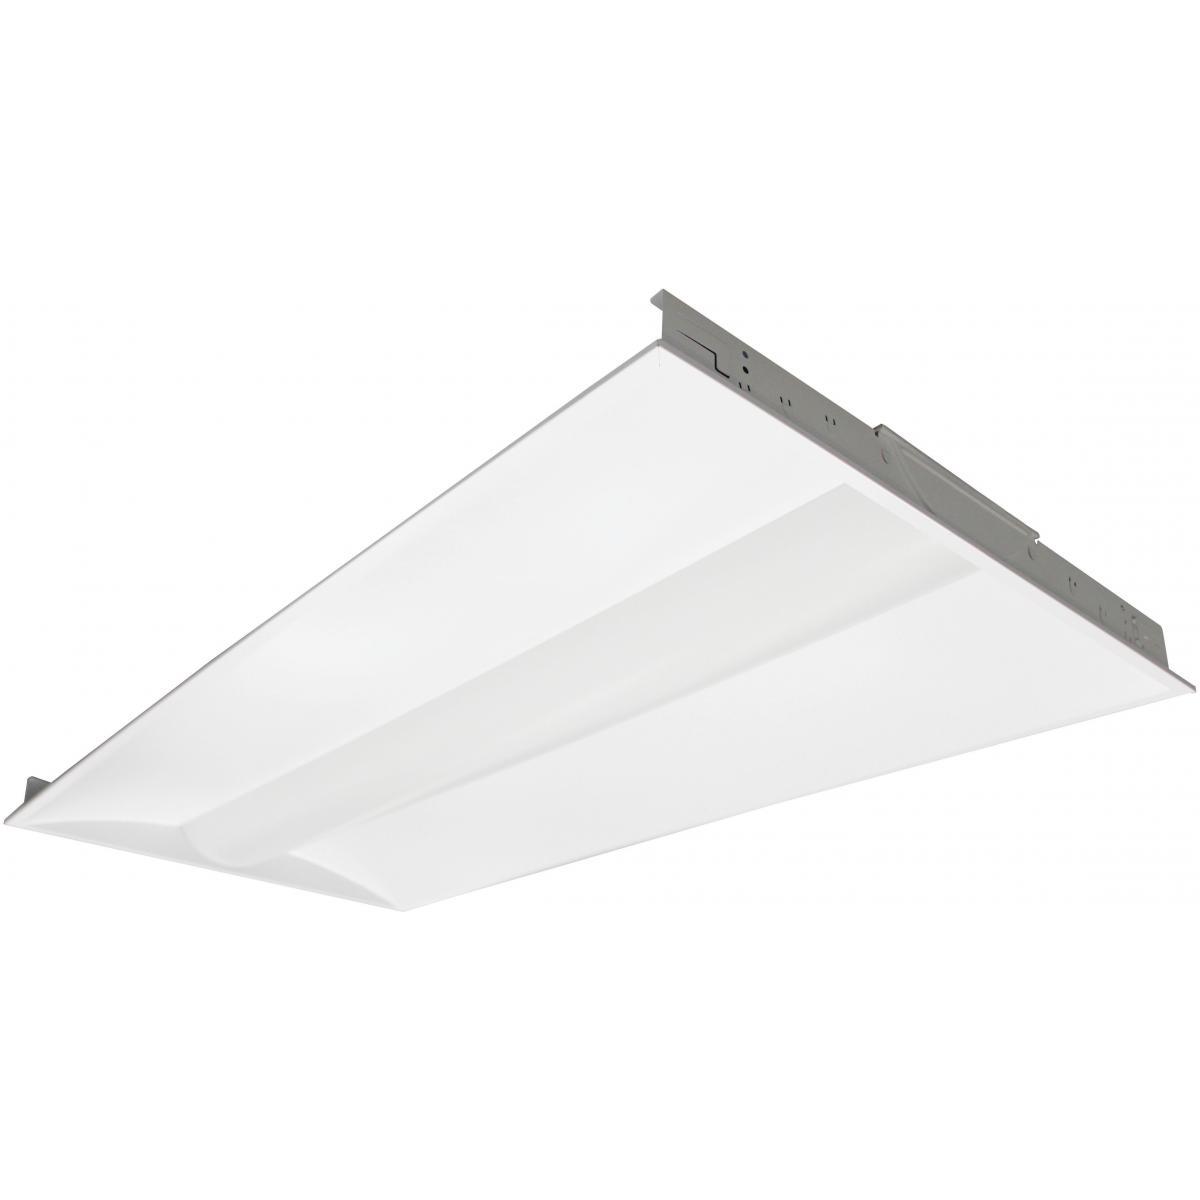 65-429 2FT X 4FT LED TROFFER 40W